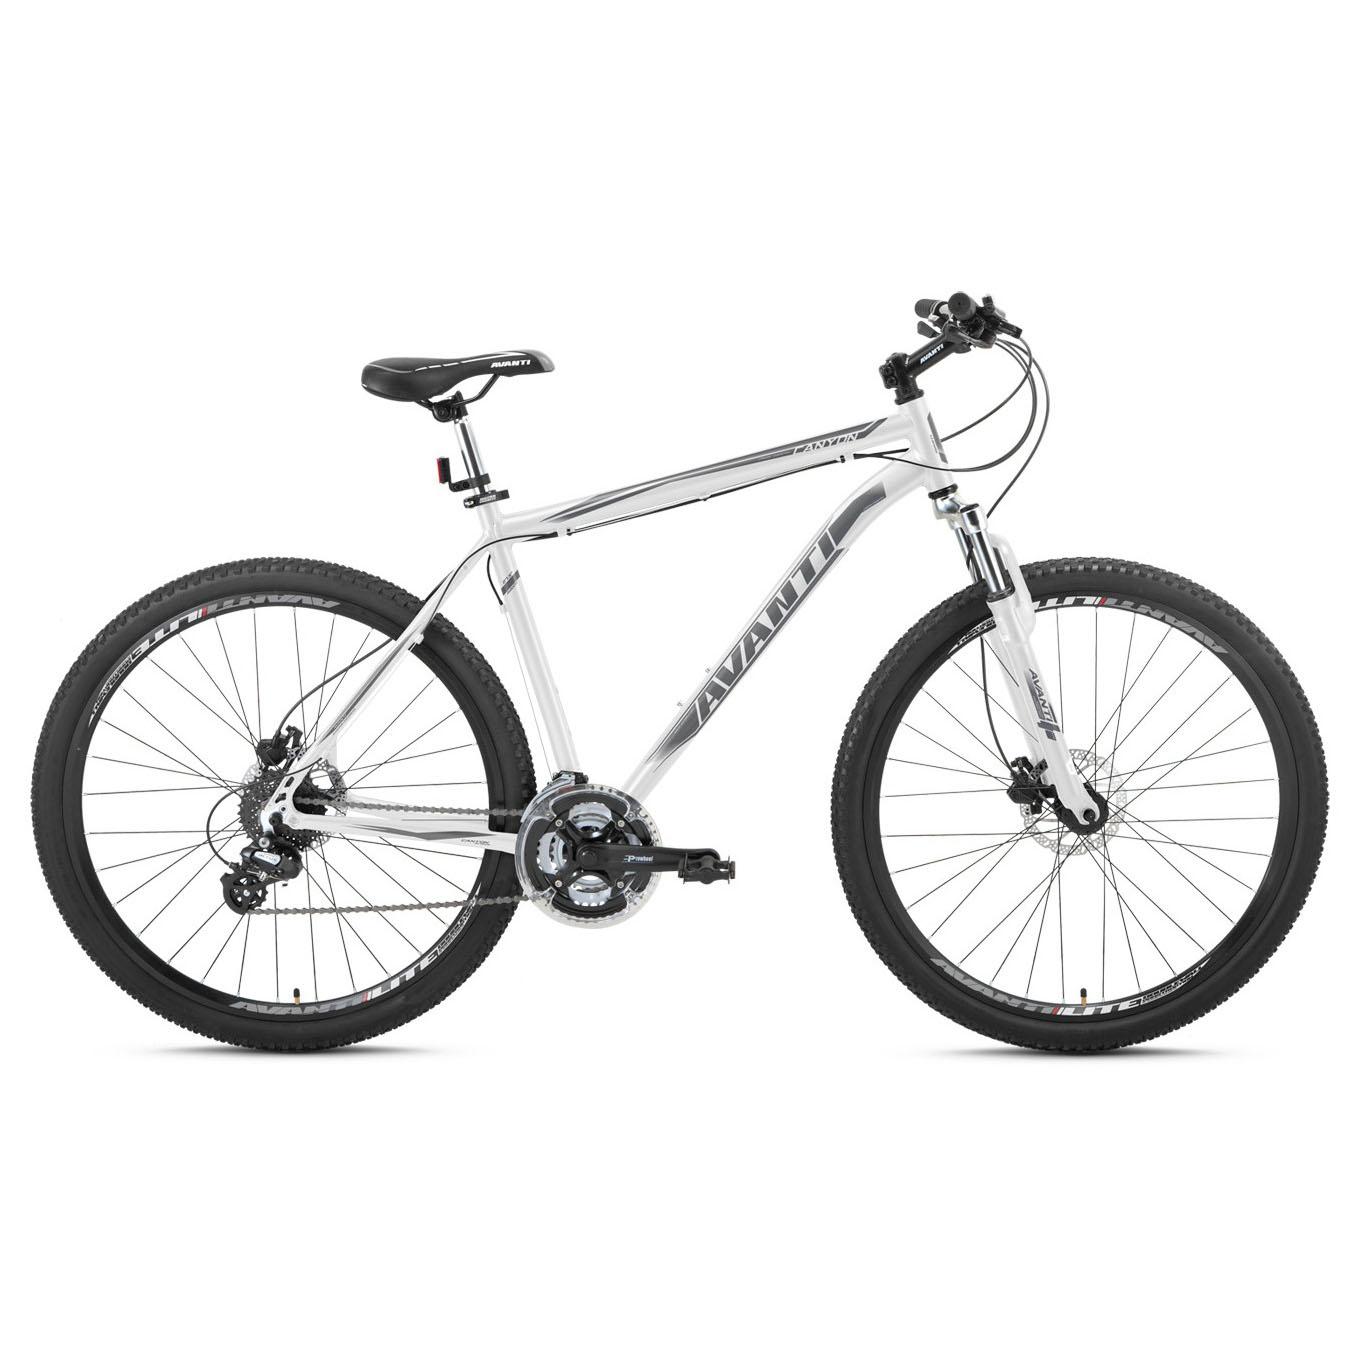 Фото Горный Велосипед   26 Avanti Canyon disk 2015 гидравлика серо-белый